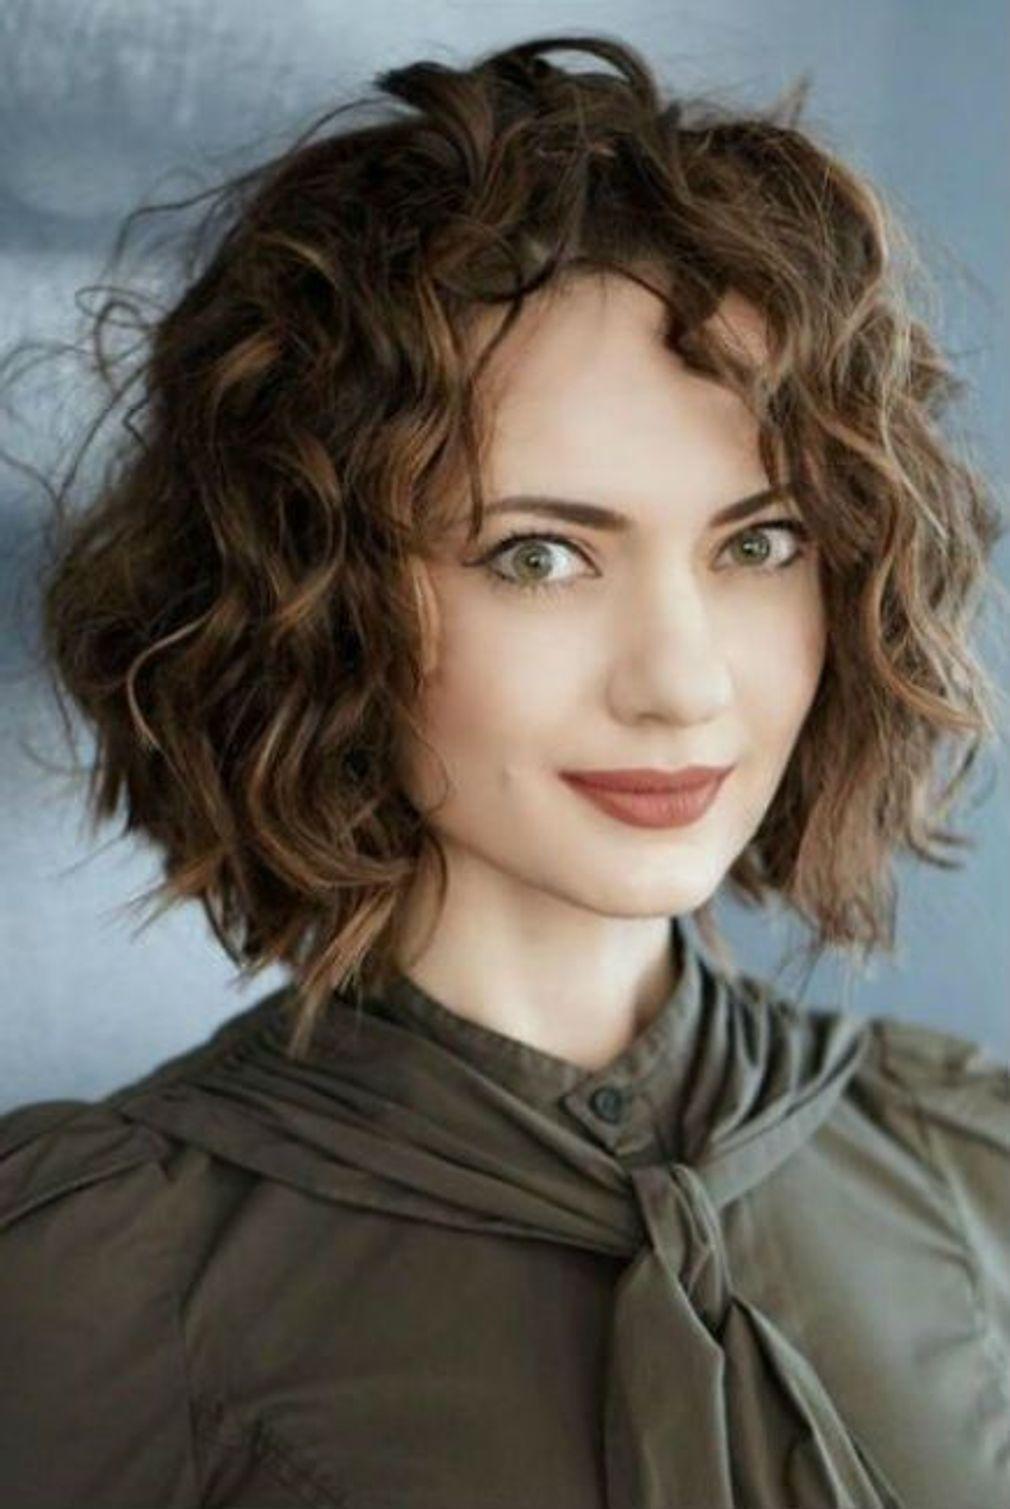 La moda en tu cabello: Cortes de pelo rizado 2020